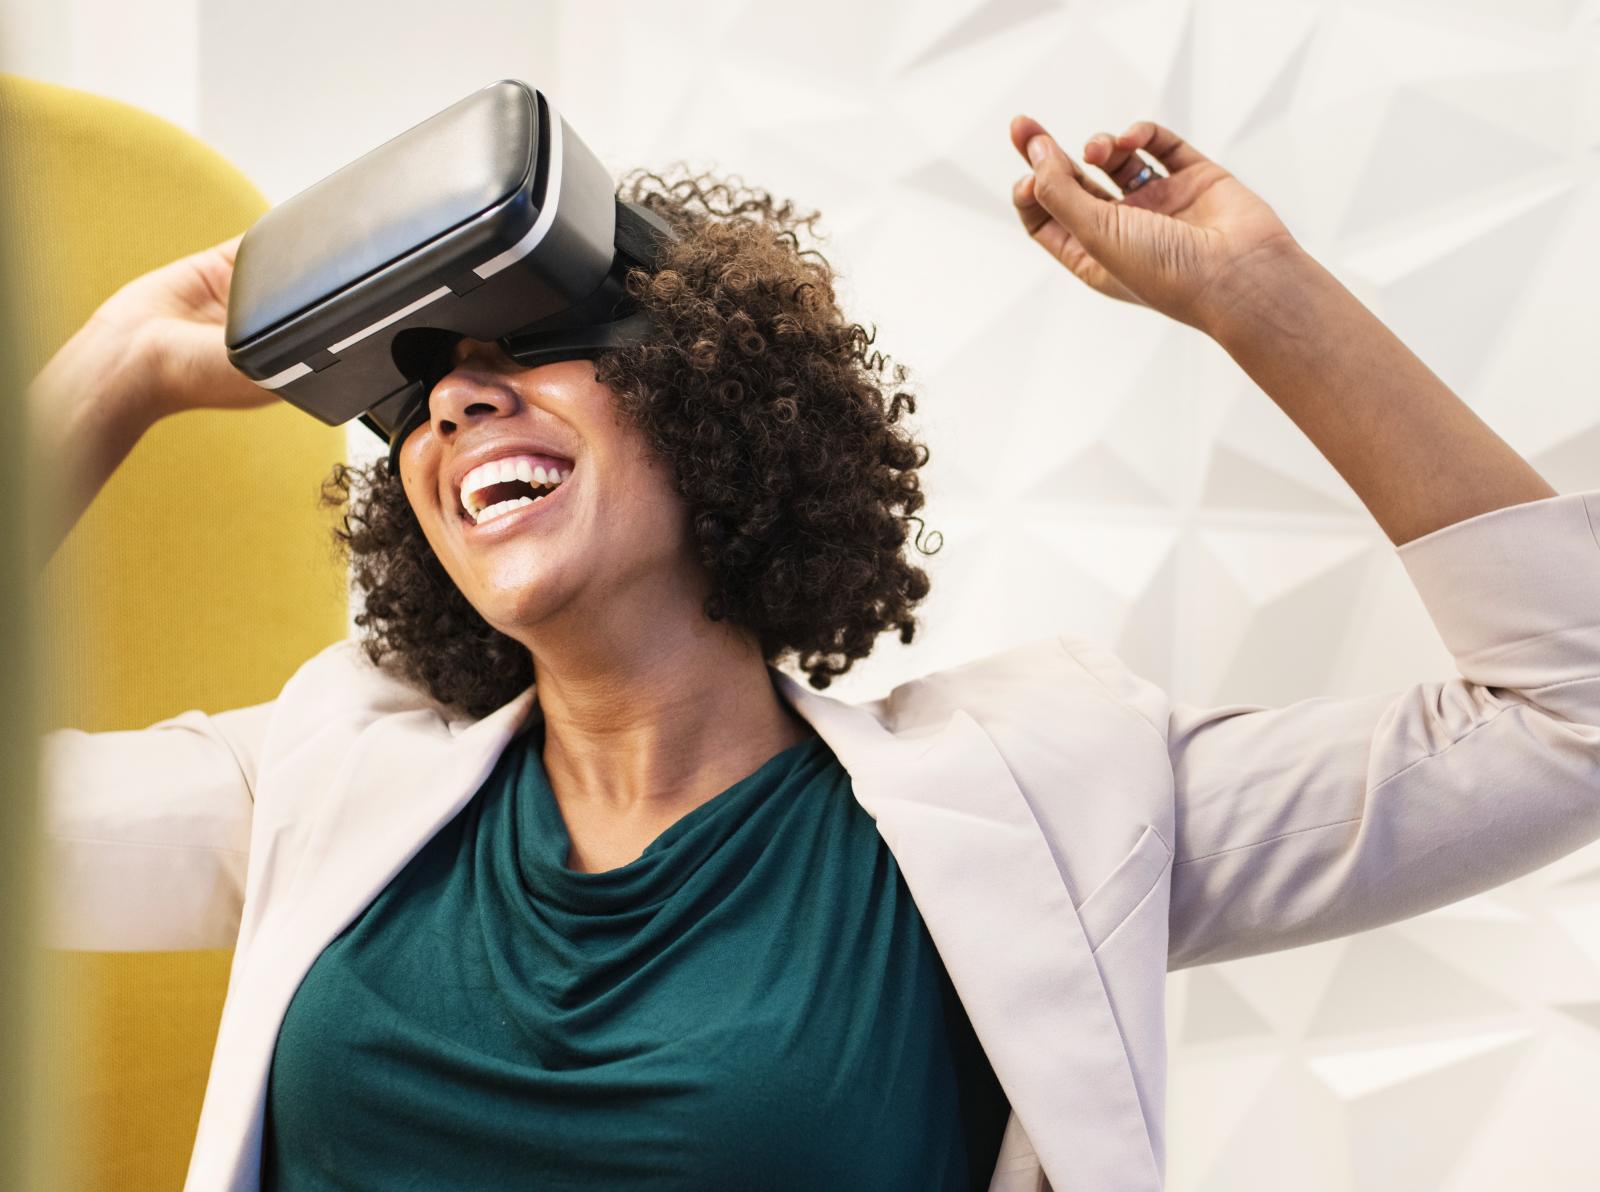 MyC2Care une plateforme d'essai gratuite pour découvrir des logiciels de réalité virtuelle pour chaque professionnel de santé